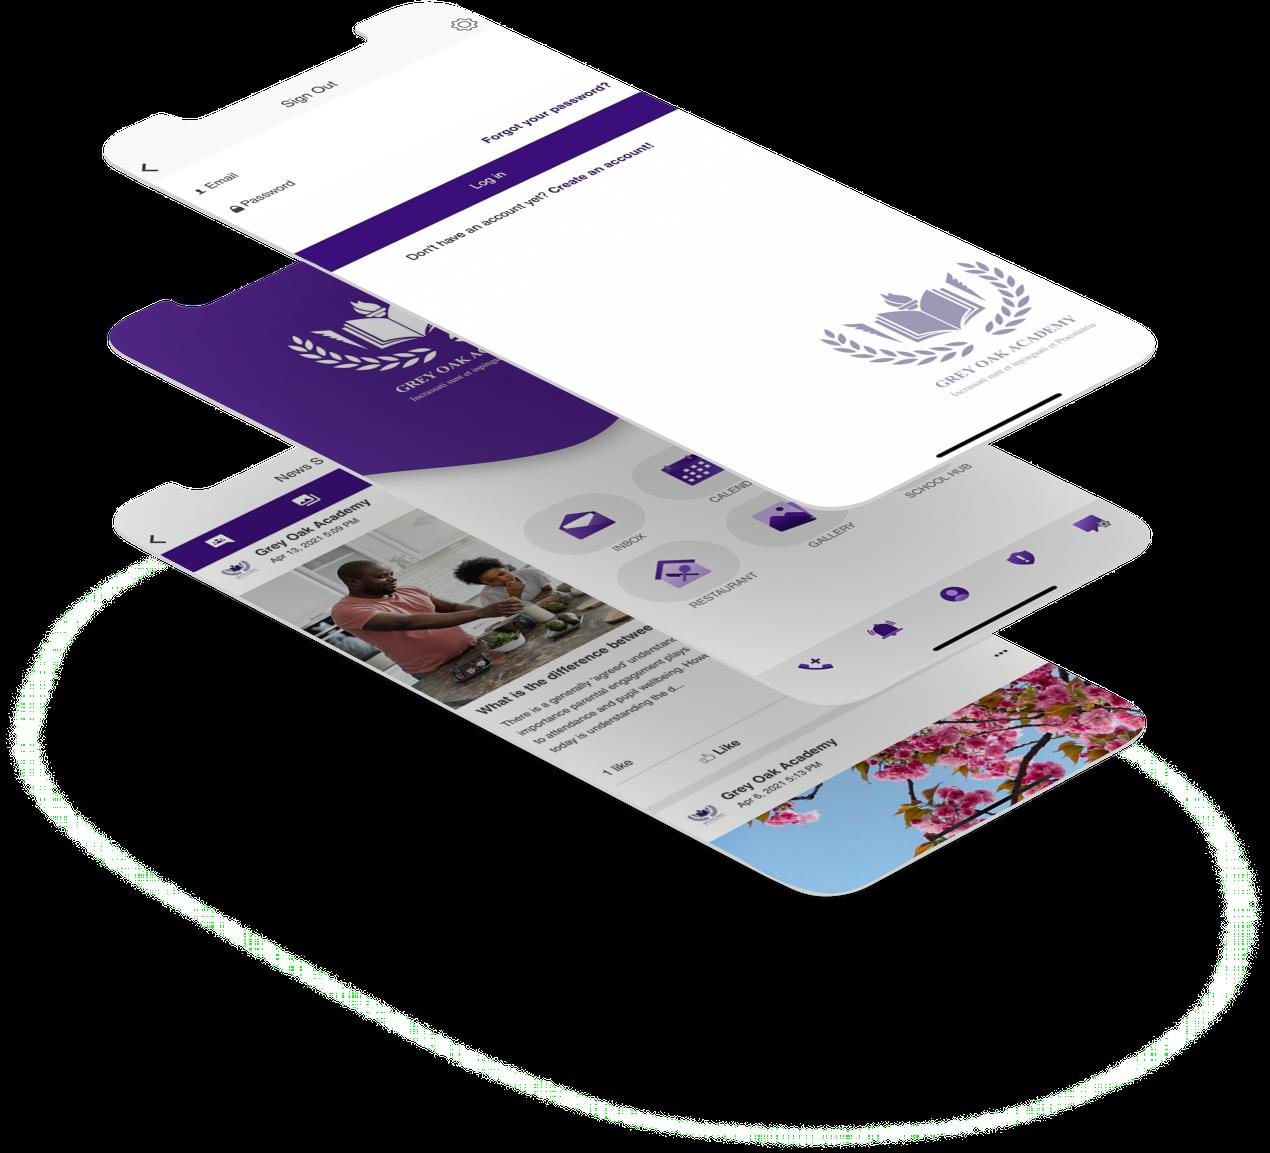 School App for Integration